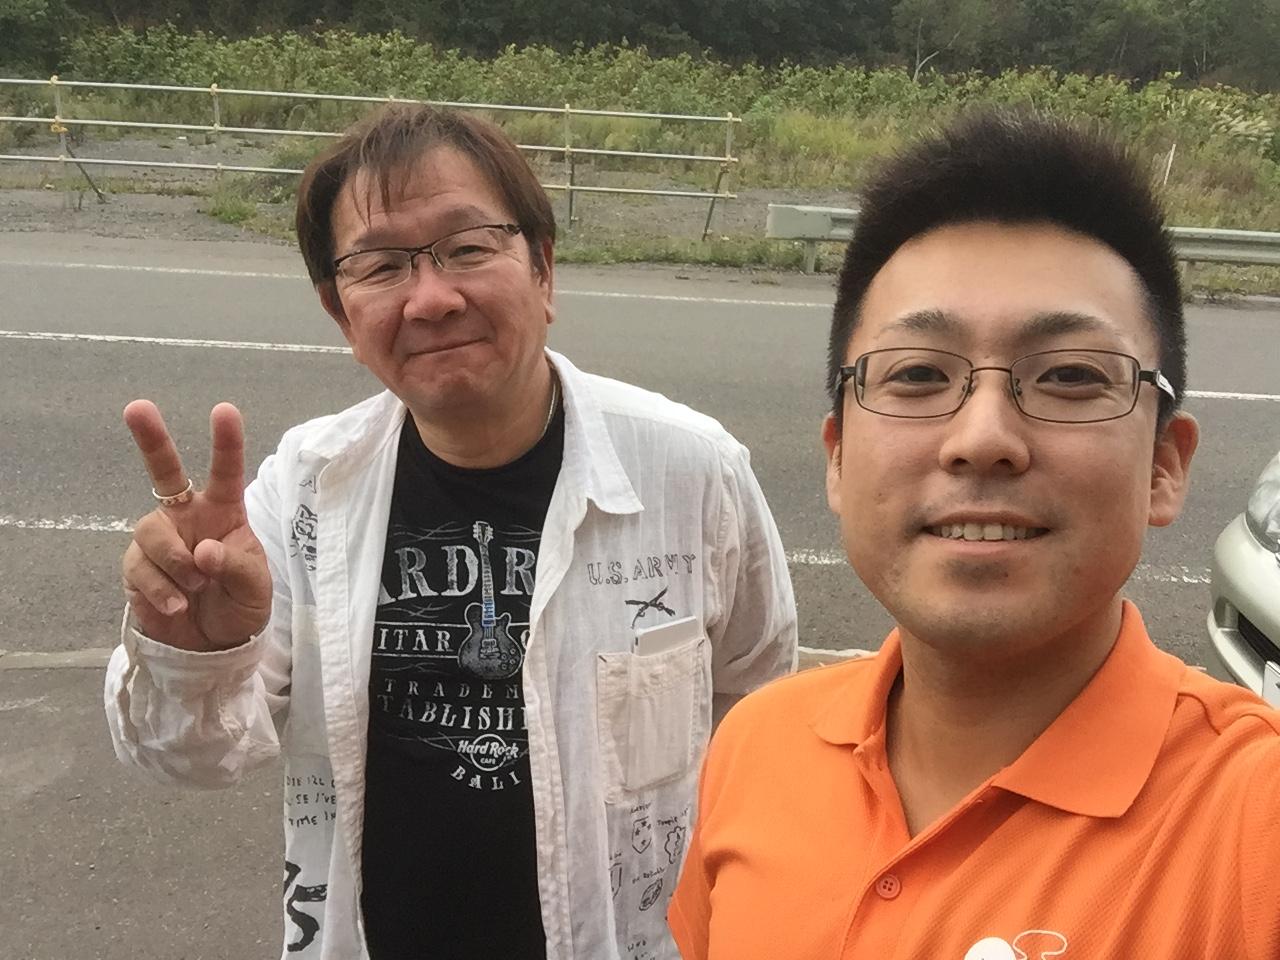 9月27日 本店の火曜日はオールスターブログ(*˘︶˘*)☆ 構造変更もおまかせ♫TOMMY_b0127002_1011910.jpg